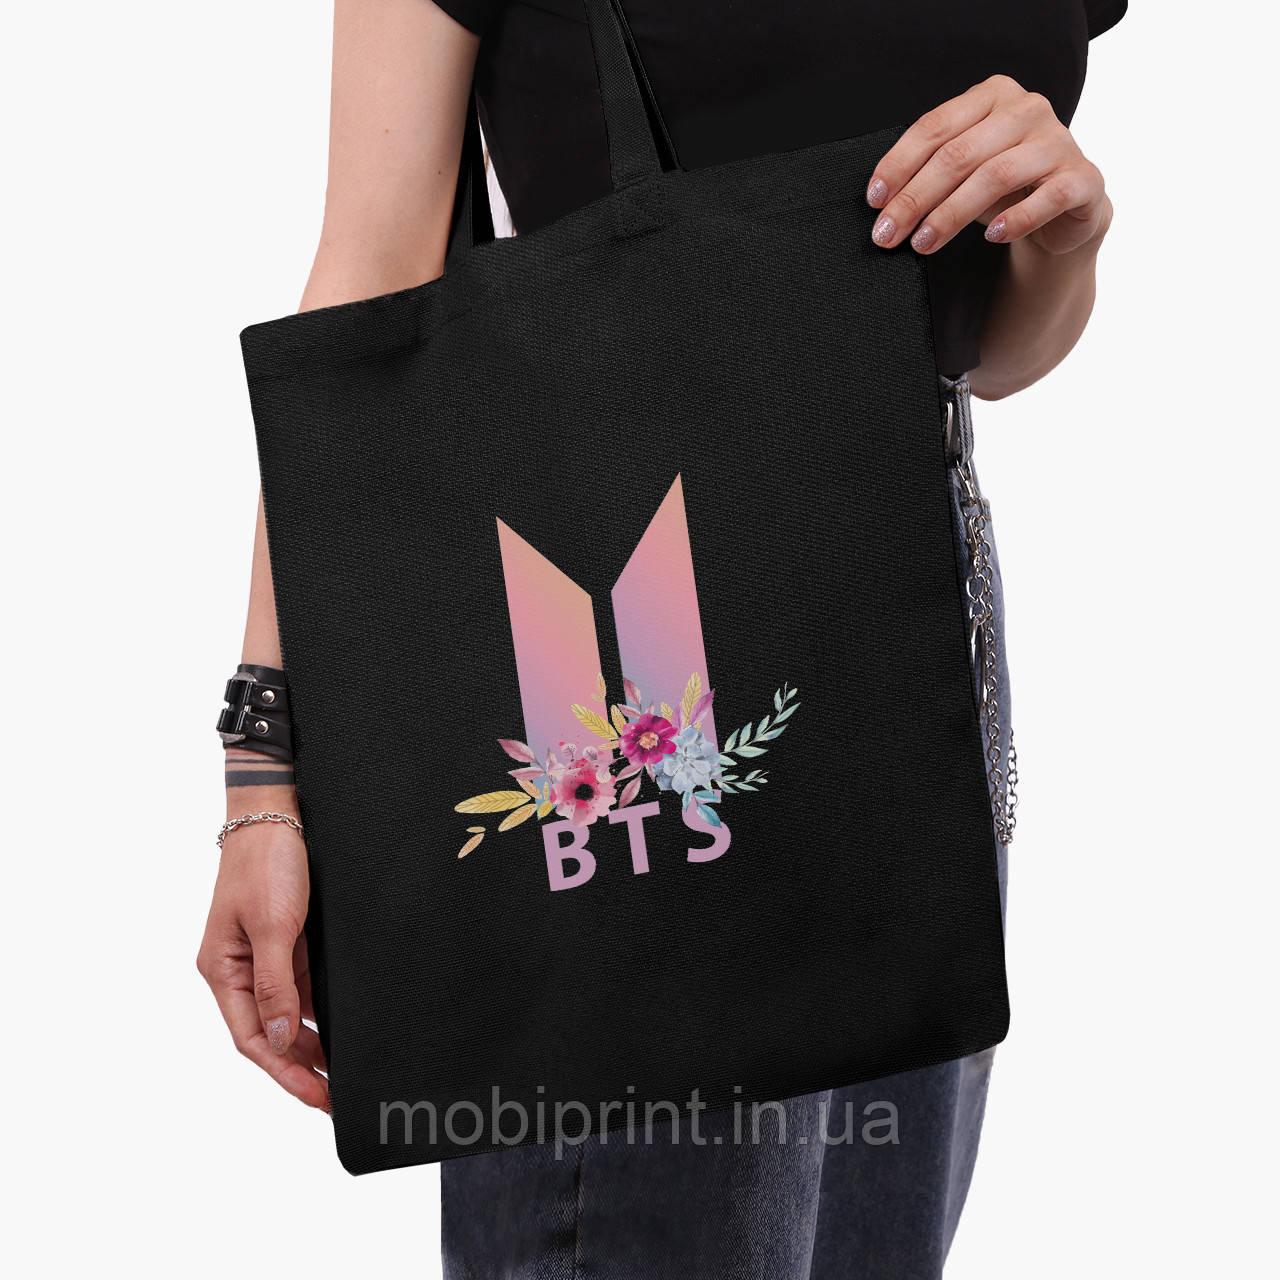 Эко сумка шоппер черная БТС (BTS) (9227-1081-2)  41*35 см